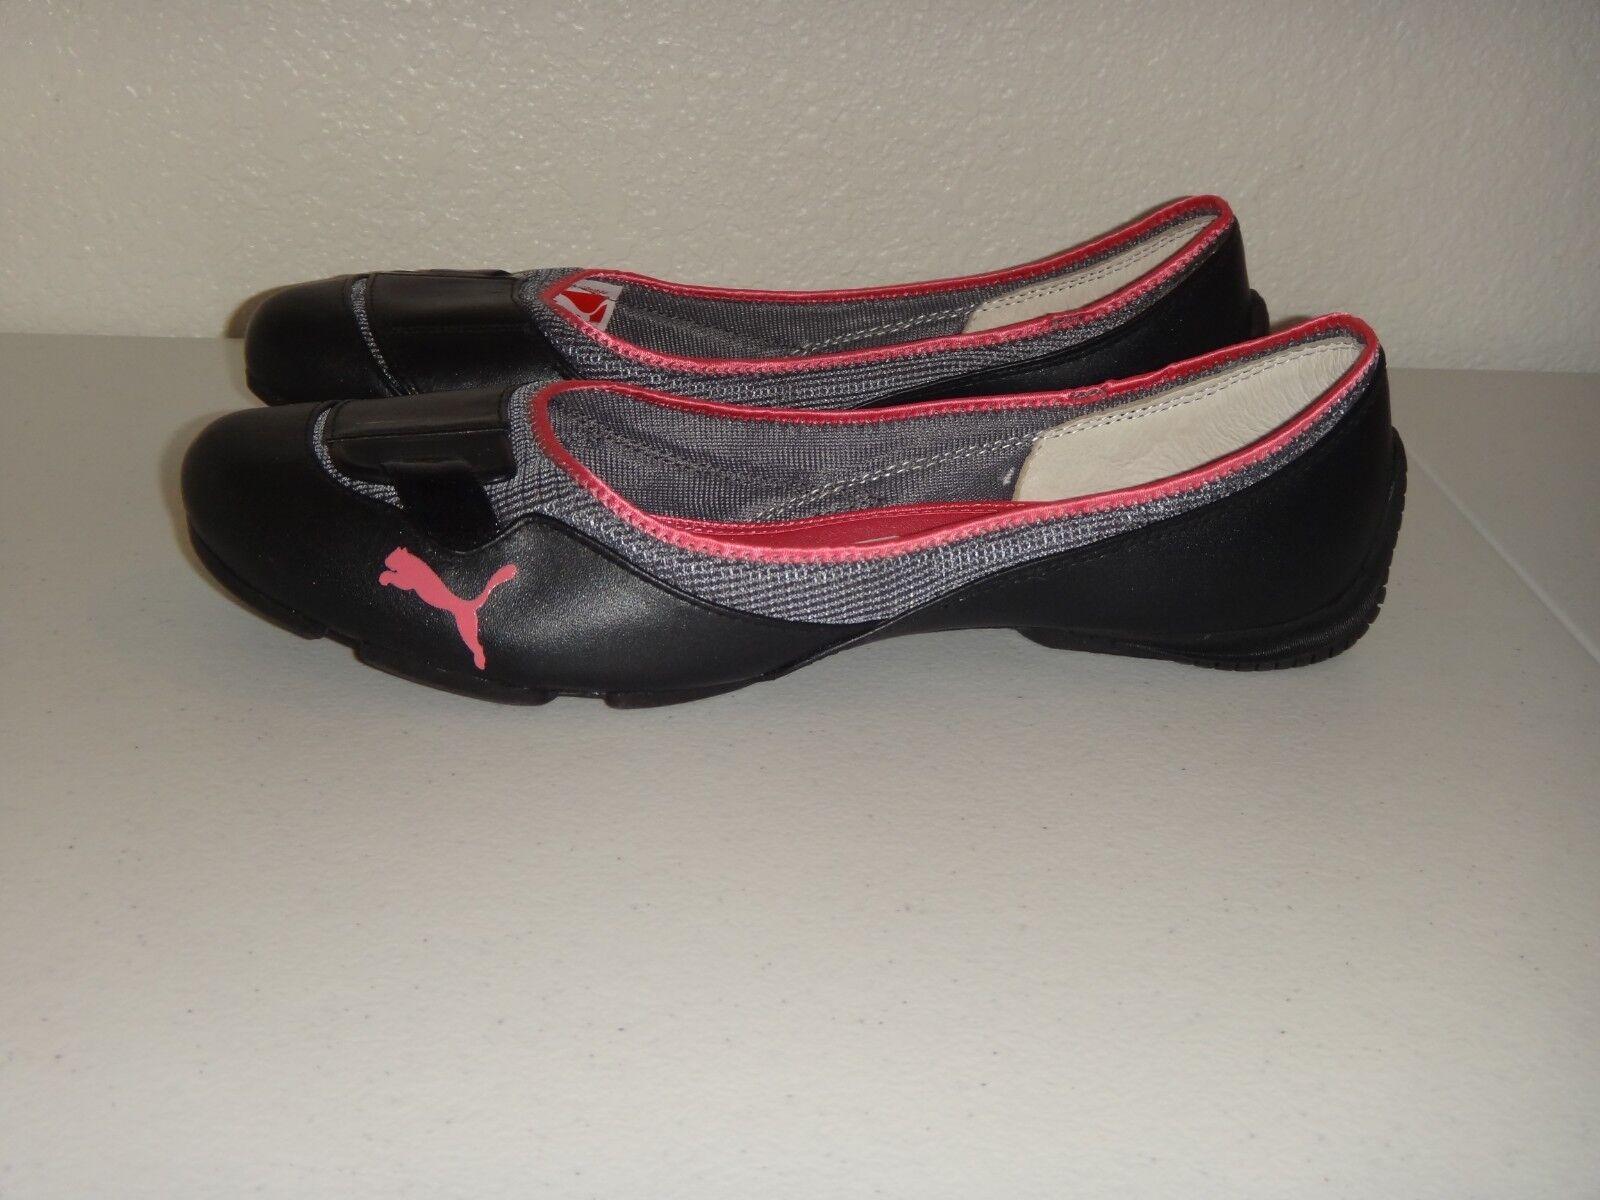 prezzi bassissimi PUMA donna I love Driving Ballet Flat Sport Sport Sport scarpe nero Leather rosa US Dimensione 11  vendita scontata online di factory outlet